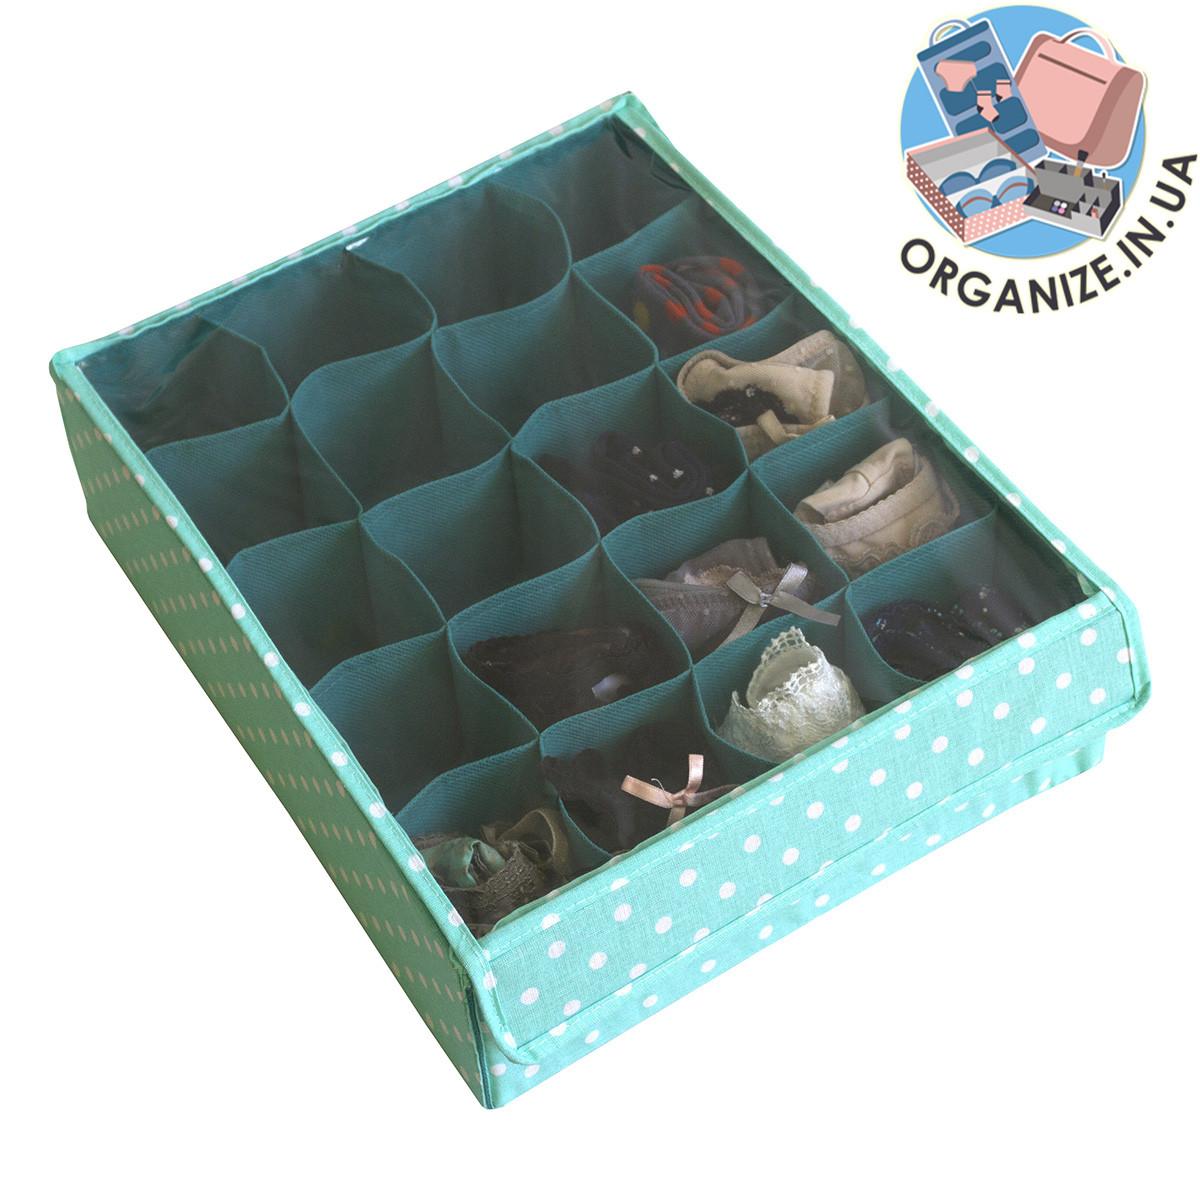 Органайзер для трусиков с крышкой ORGANIZE (мохито)